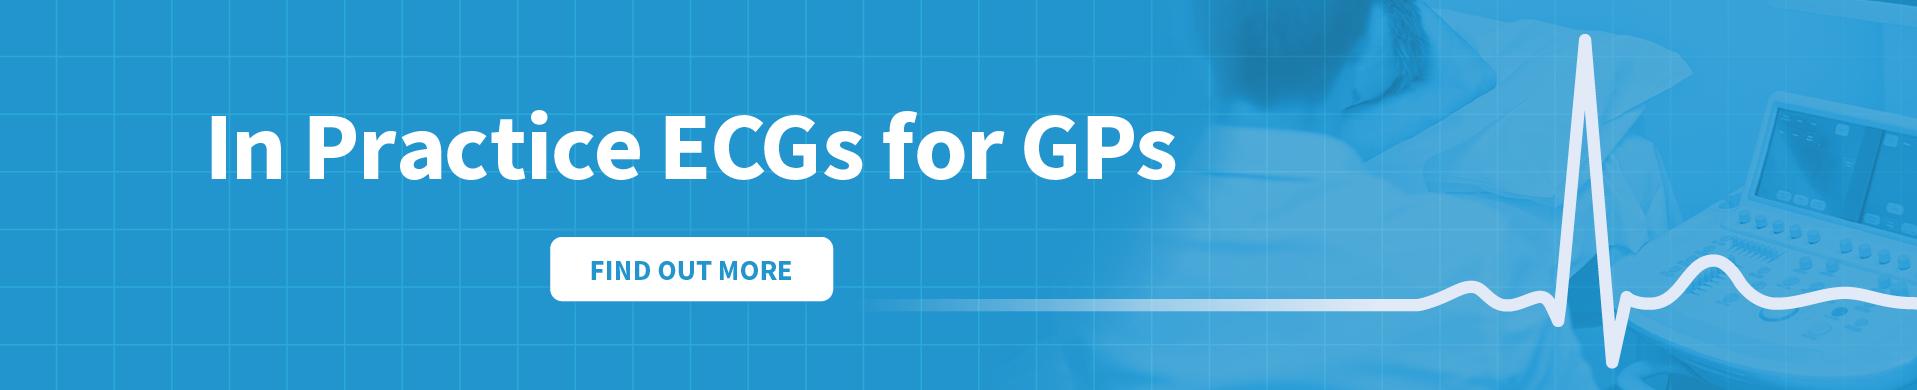 In Practice ECGs for GPs